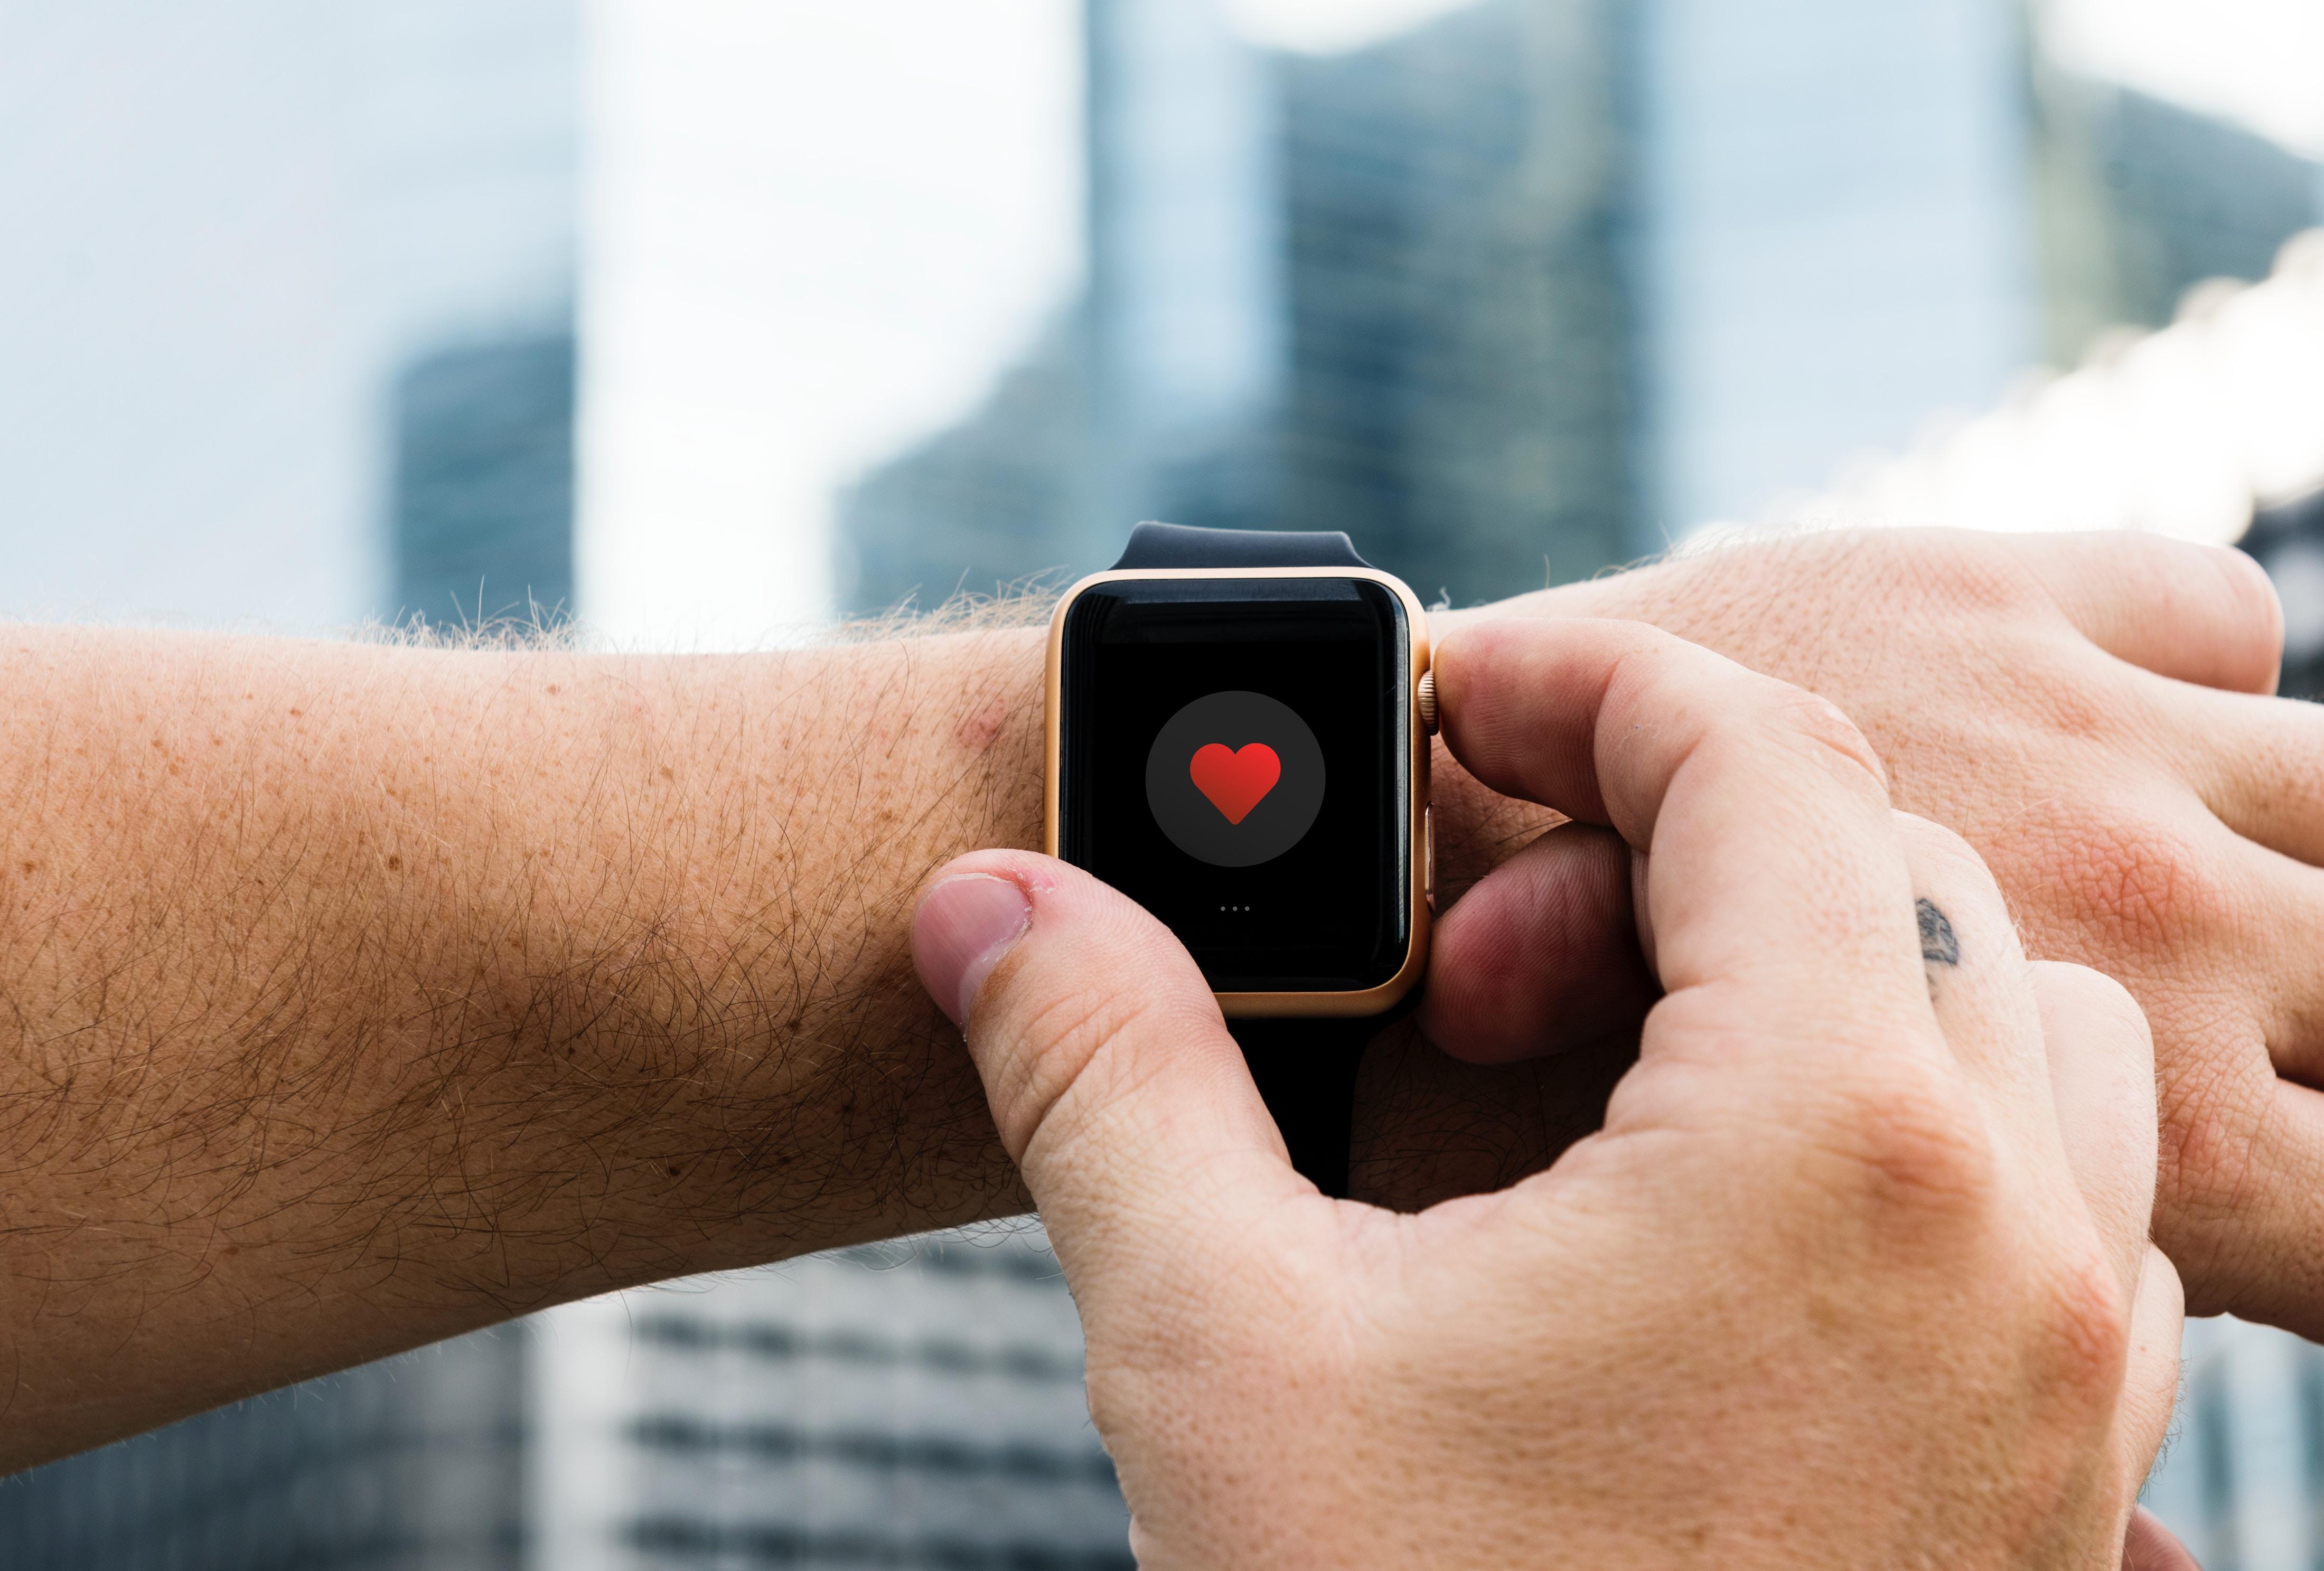 Beitrag/Artikel: Durch rechtzeitige Gesundheitsvorsorge Risiken erkennen - Lebe-Liebe-Lache.com - Dein ONLINE MAGAZIN